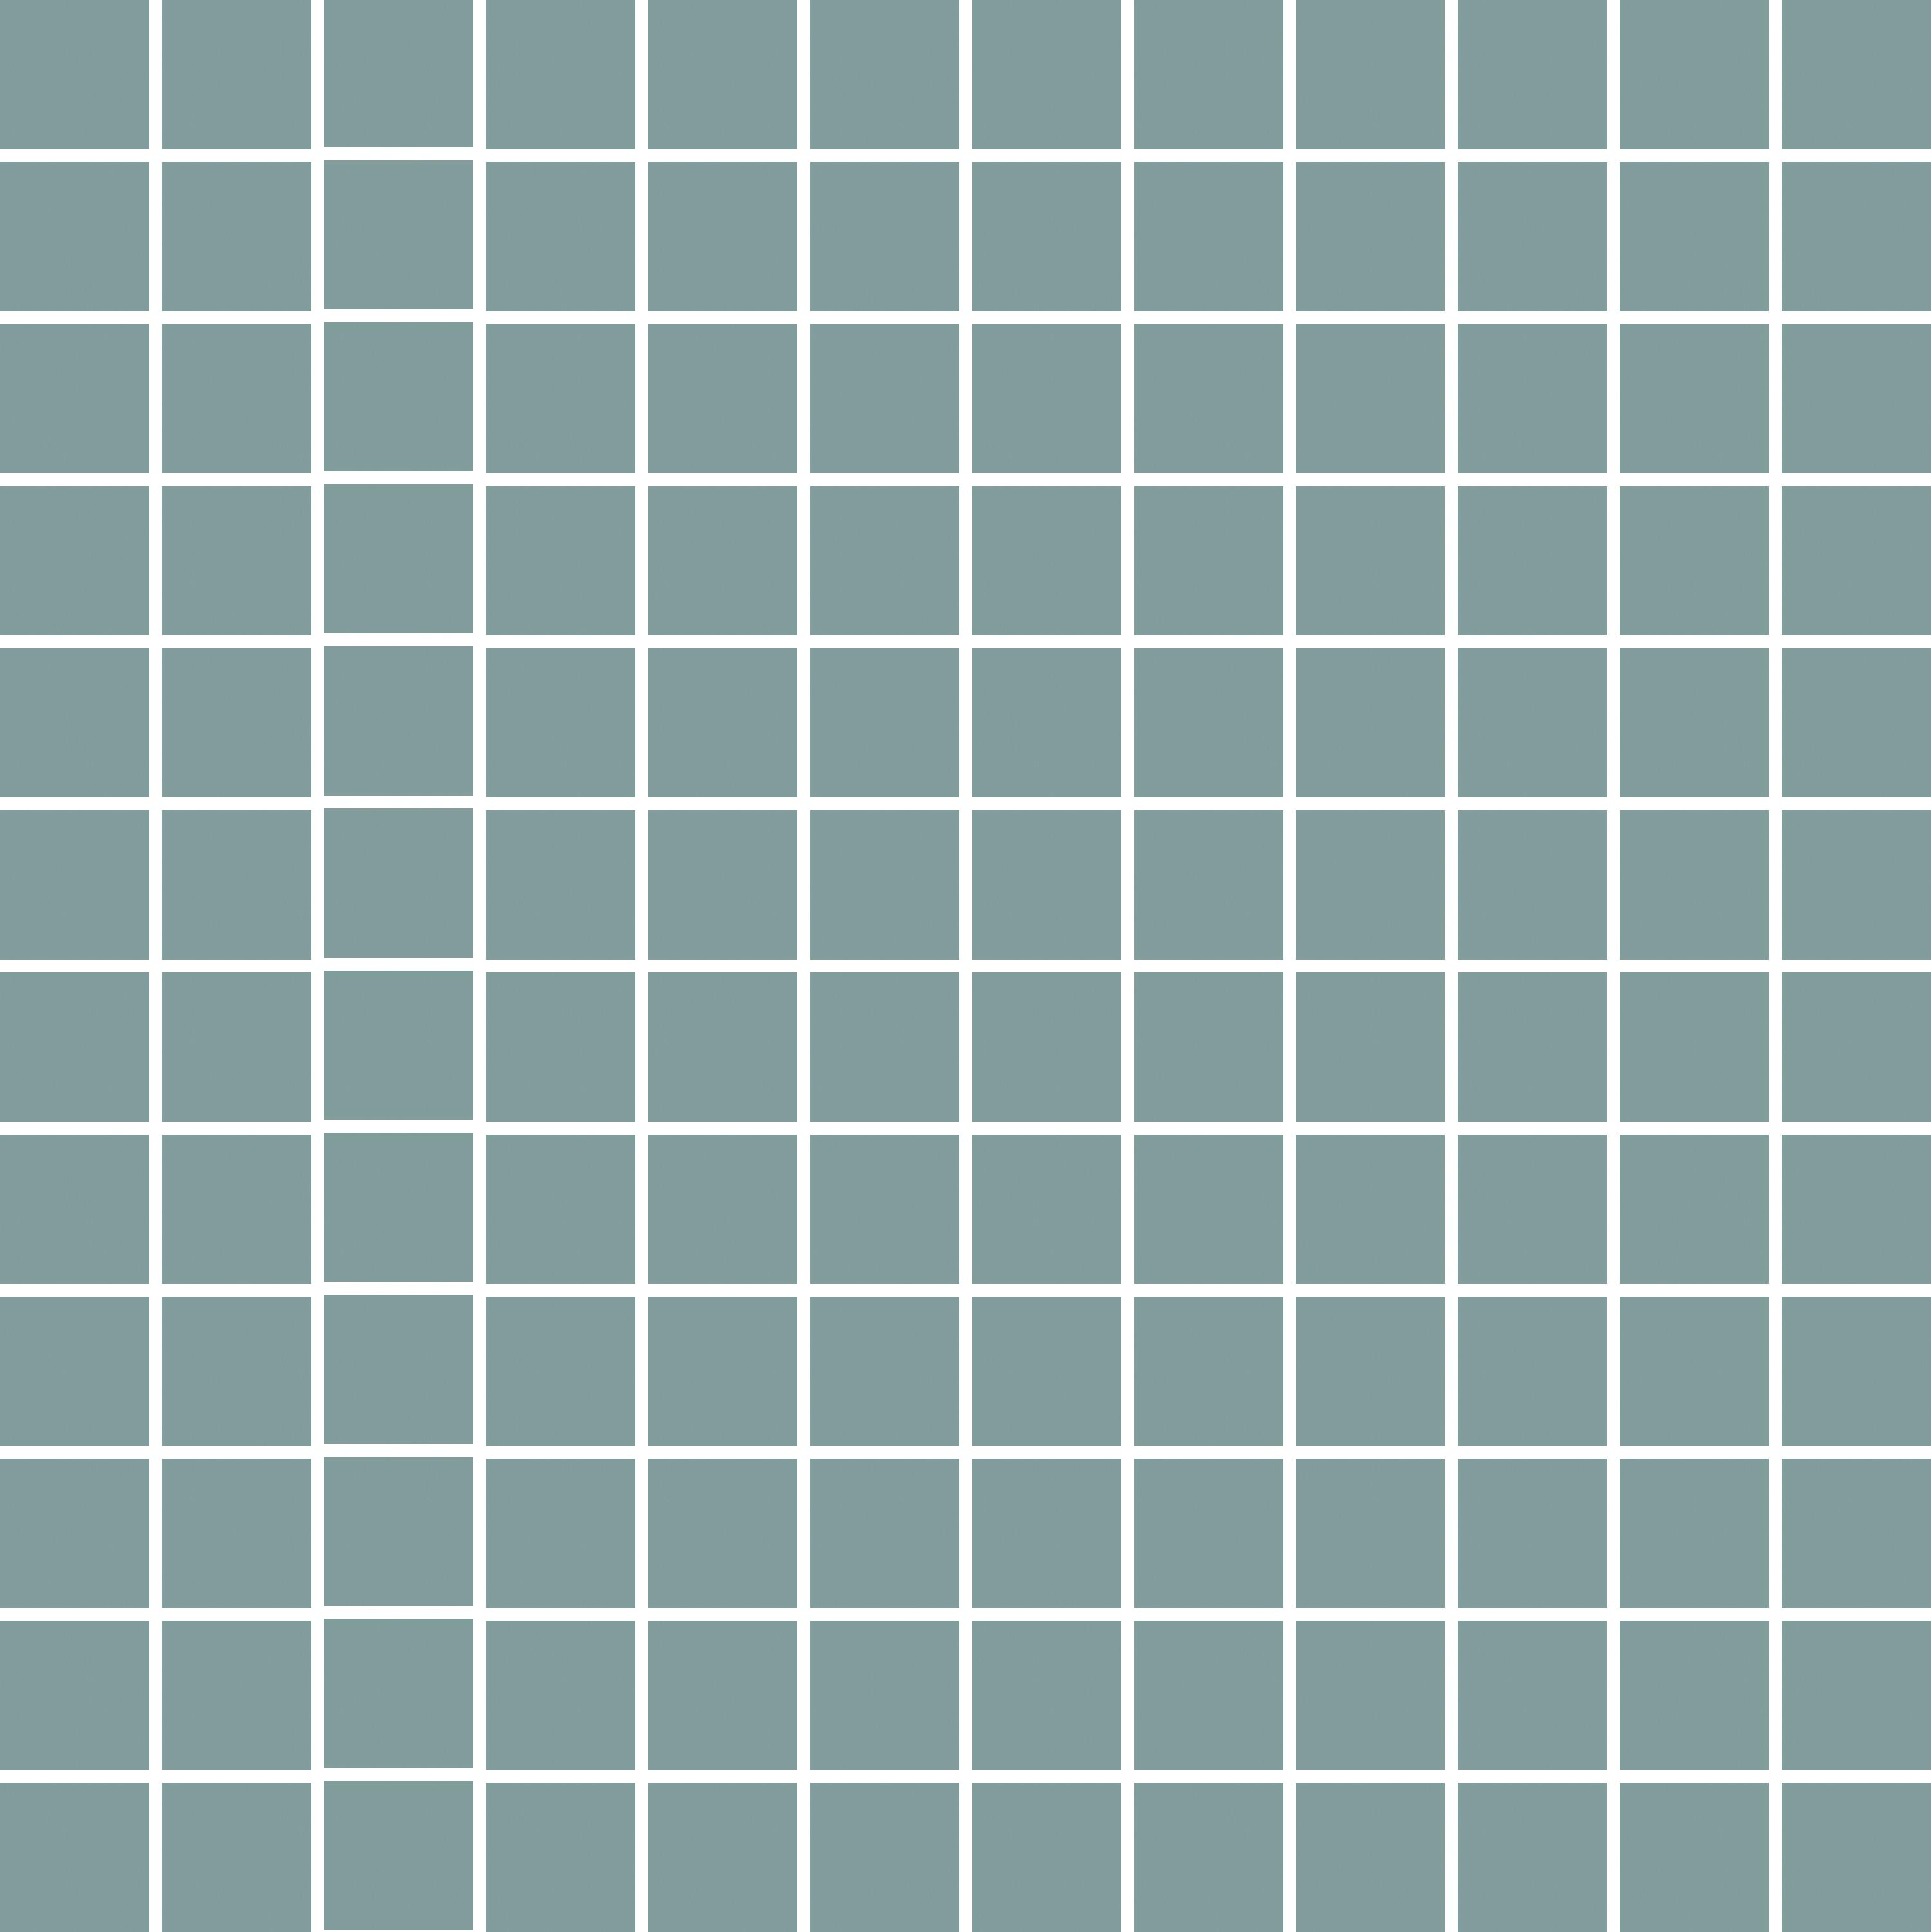 25-0349, Mosaico Porcelanico 2019, Vihreä, lattia,liukastumisenesto,mosaiikki,pakkasenkesto